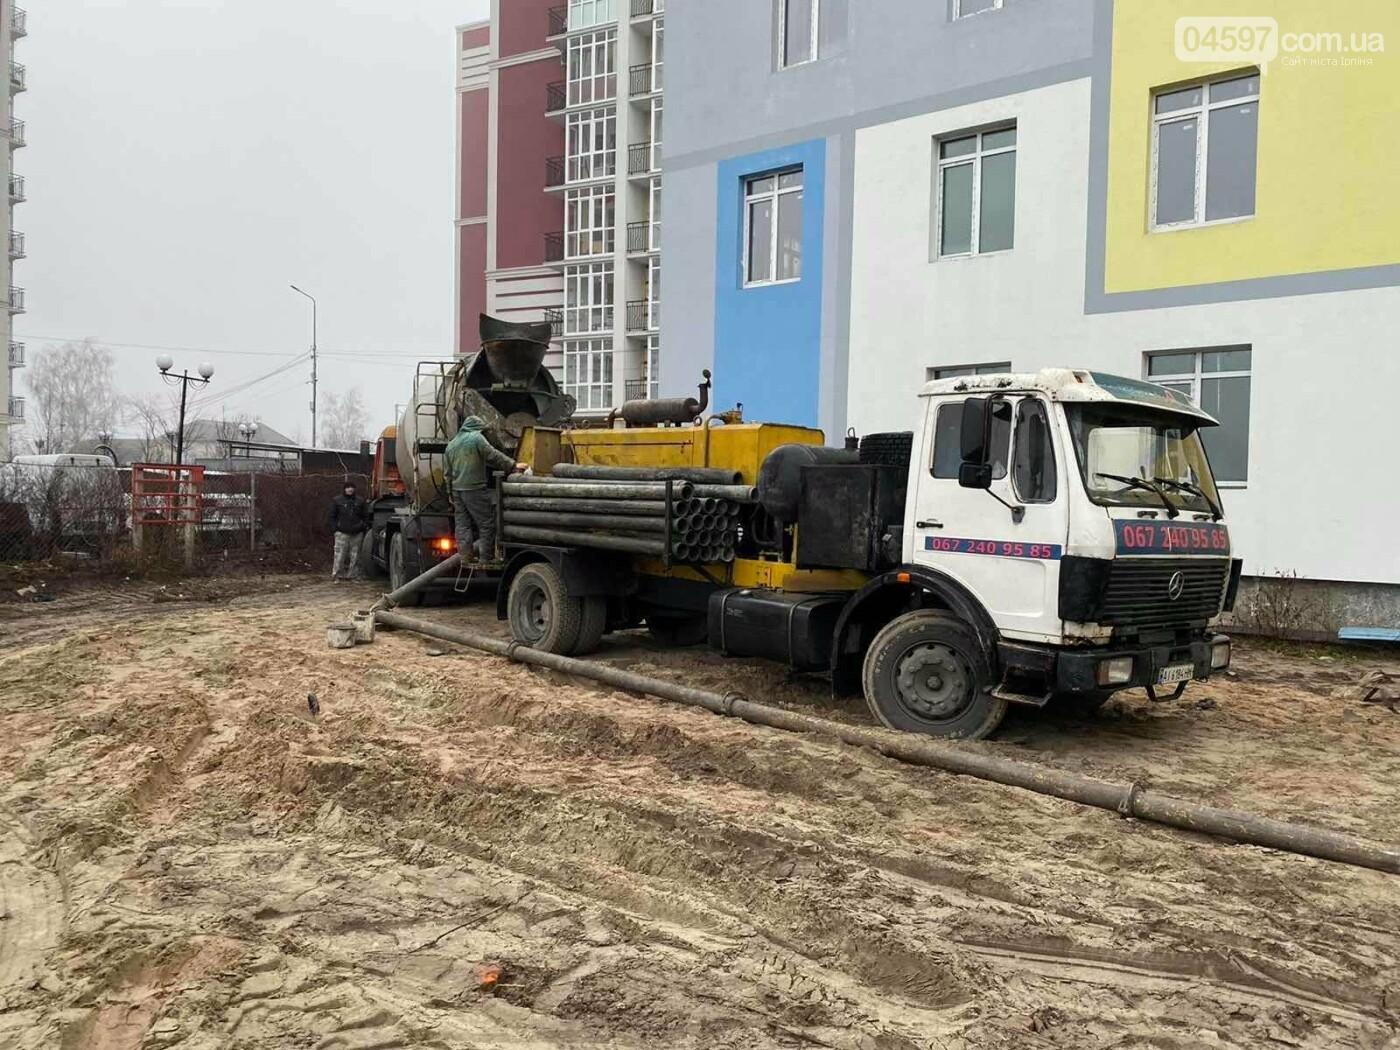 В Гостомелі активно будують садочок, фото-1